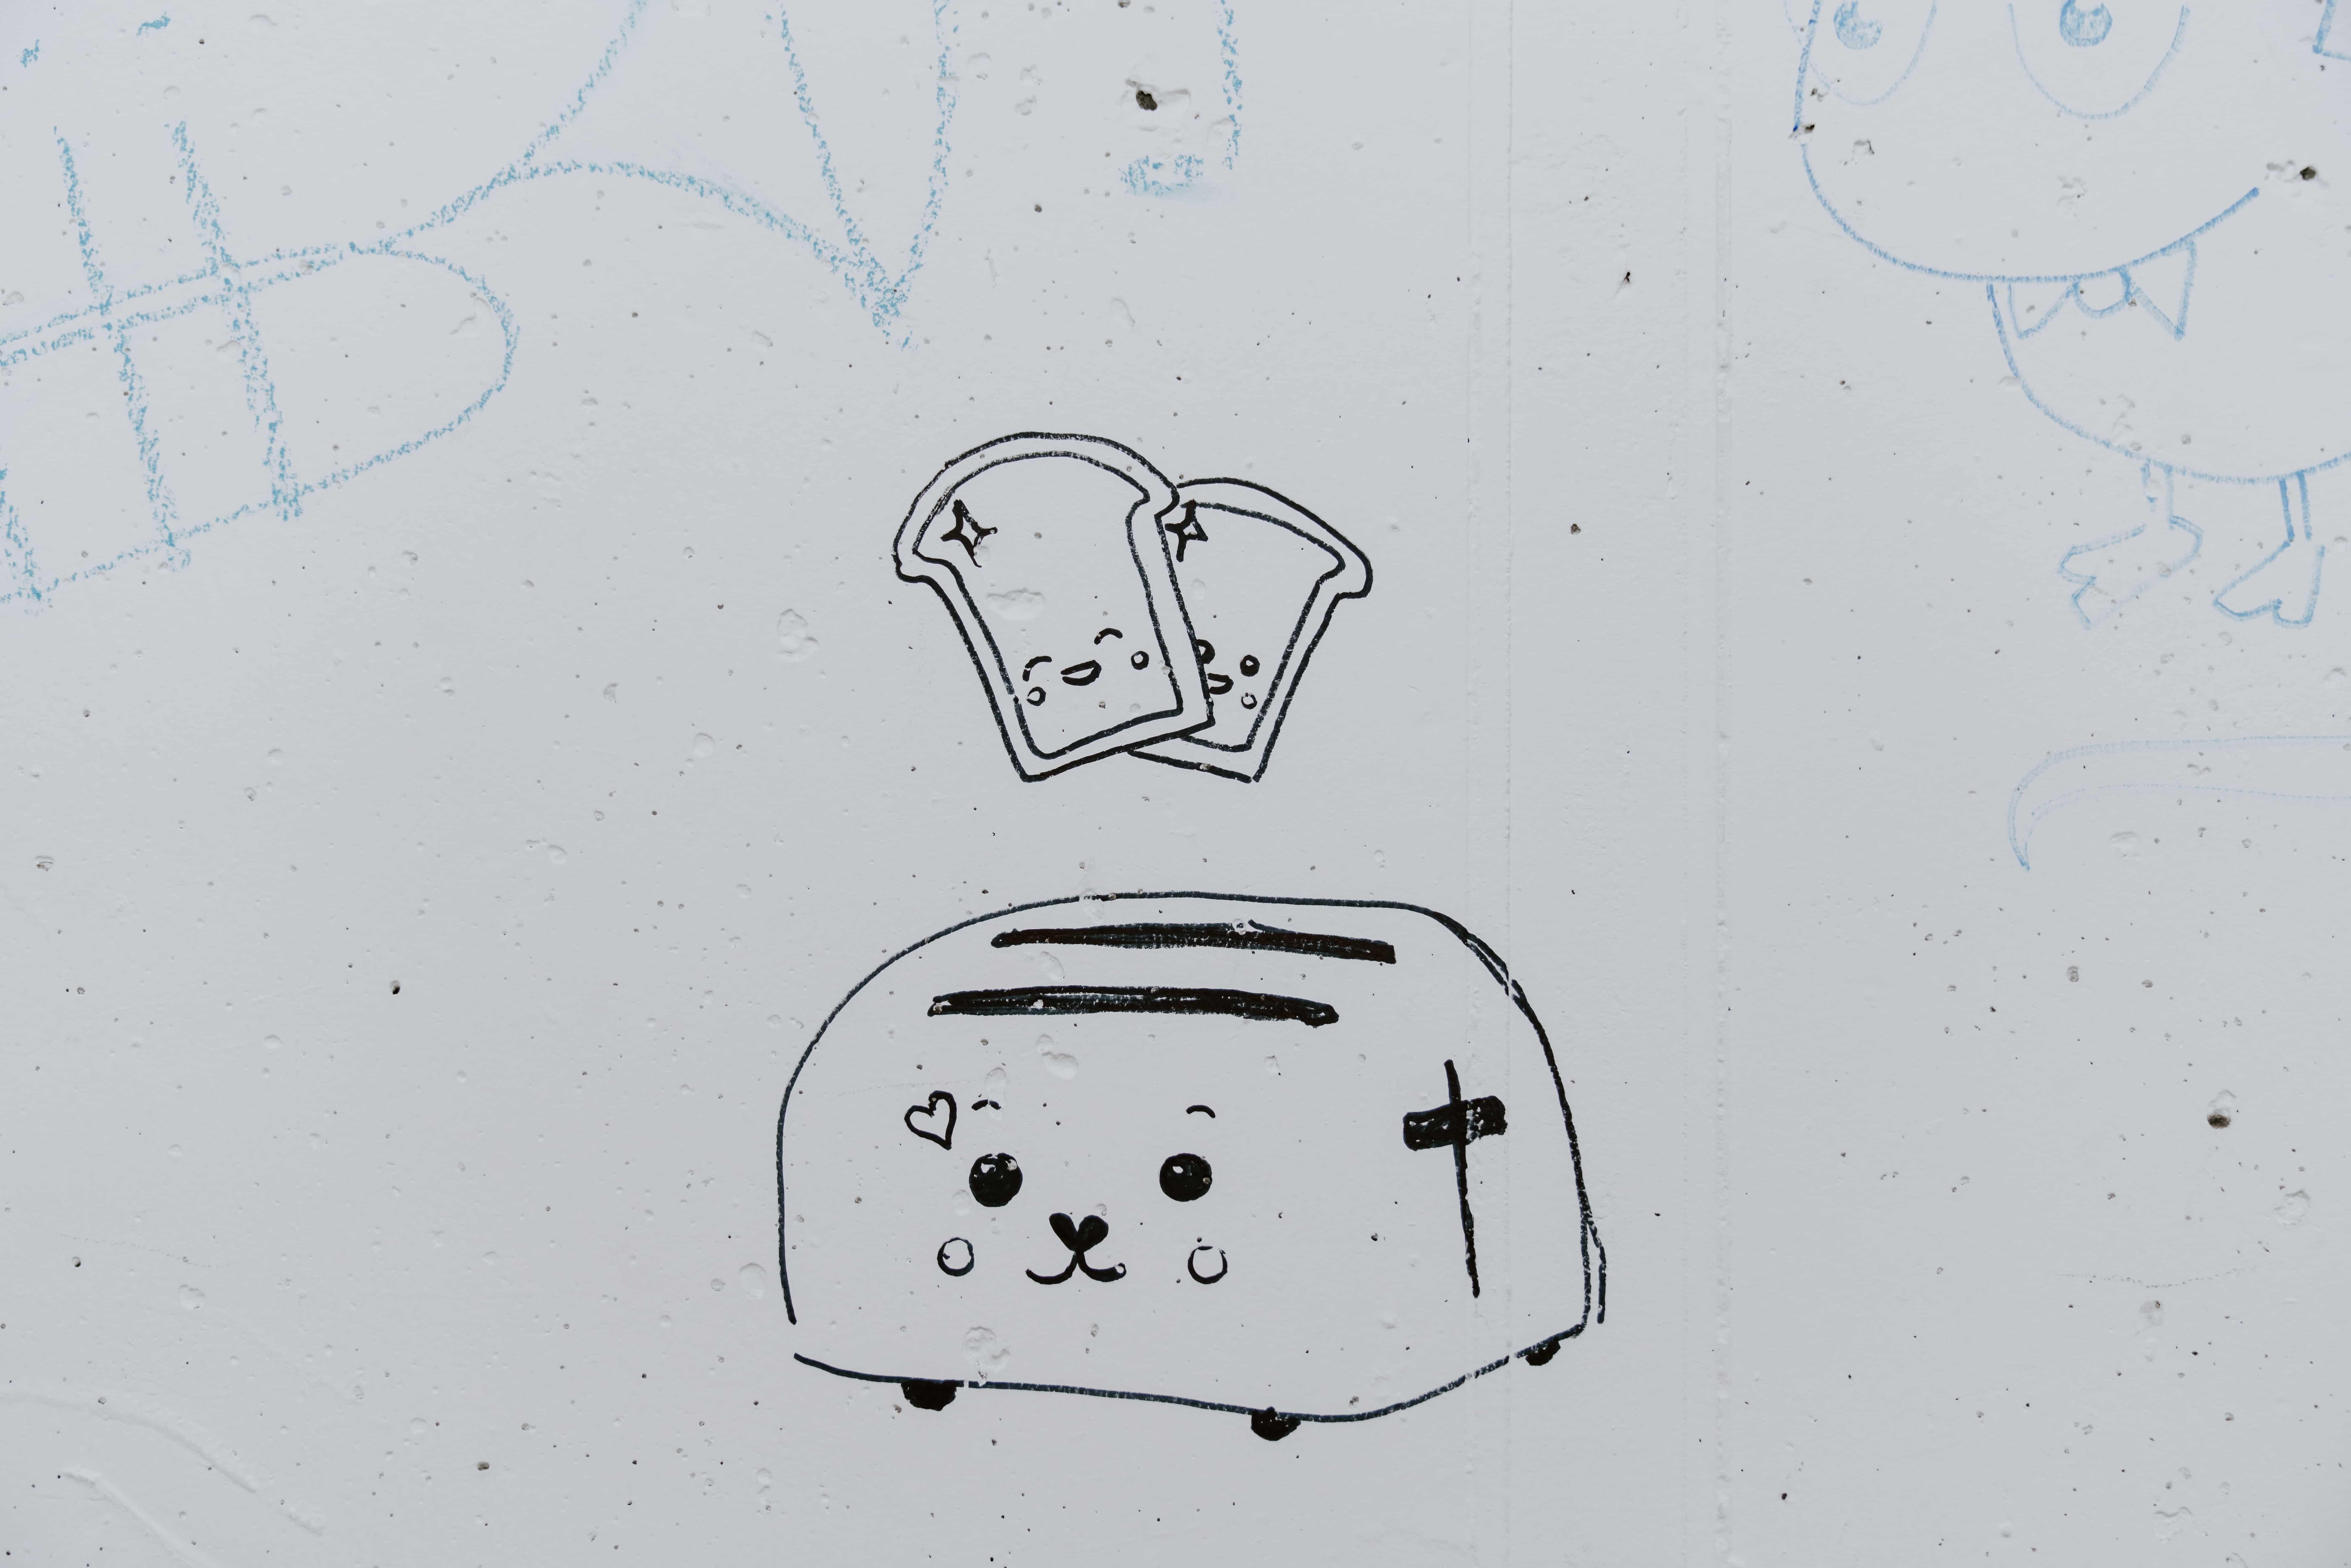 Comment choisir le meilleur grille-pain ? 1